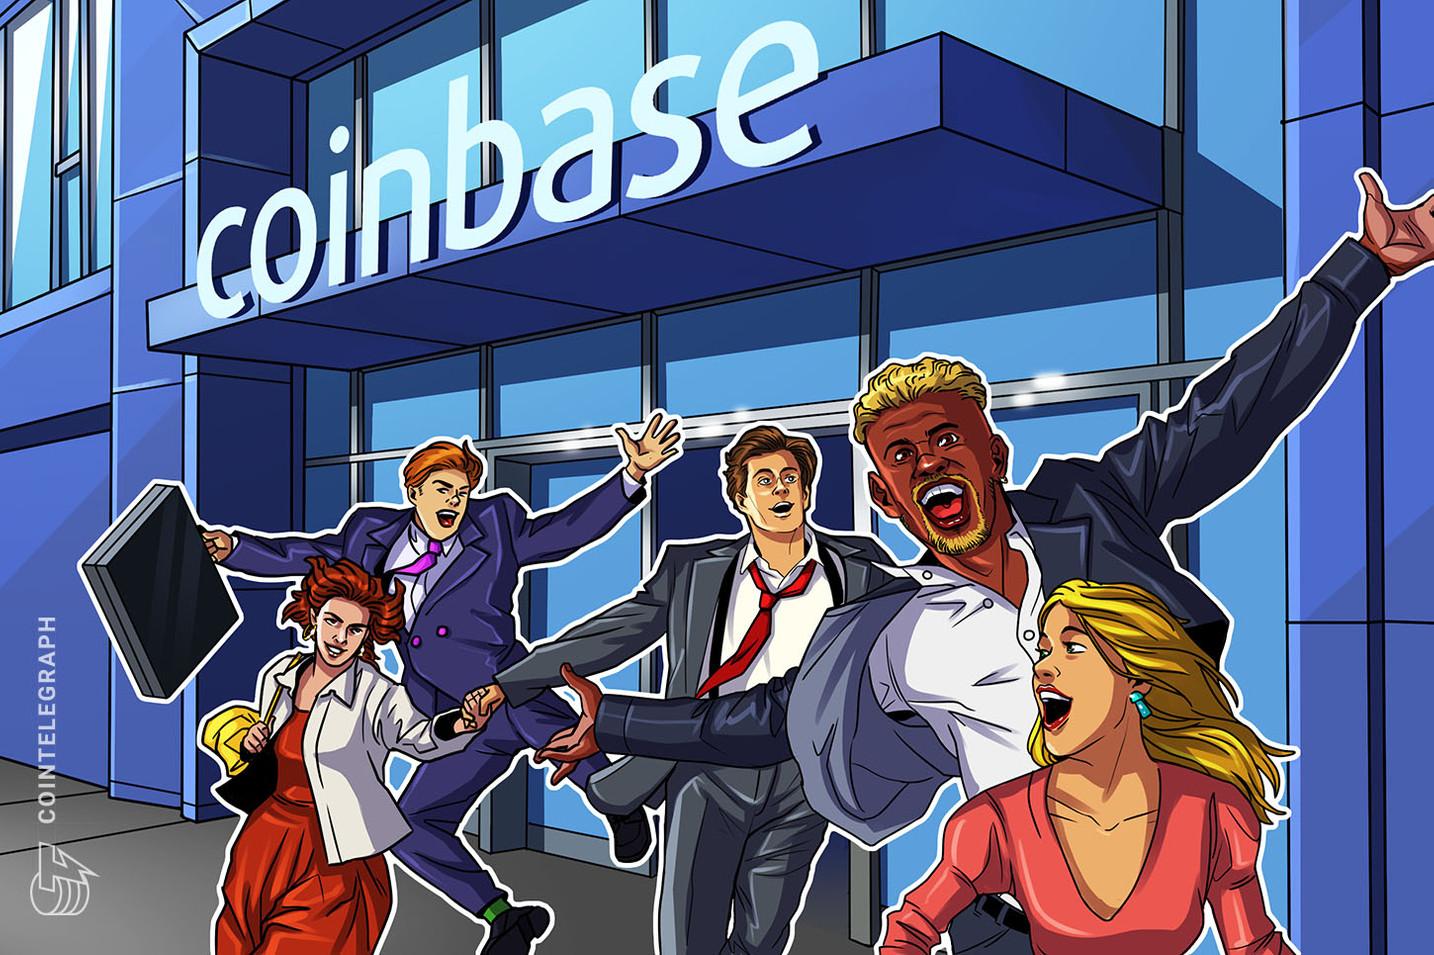 仮想通貨取引所コインベース、ナスダックの直接上場は4月14日